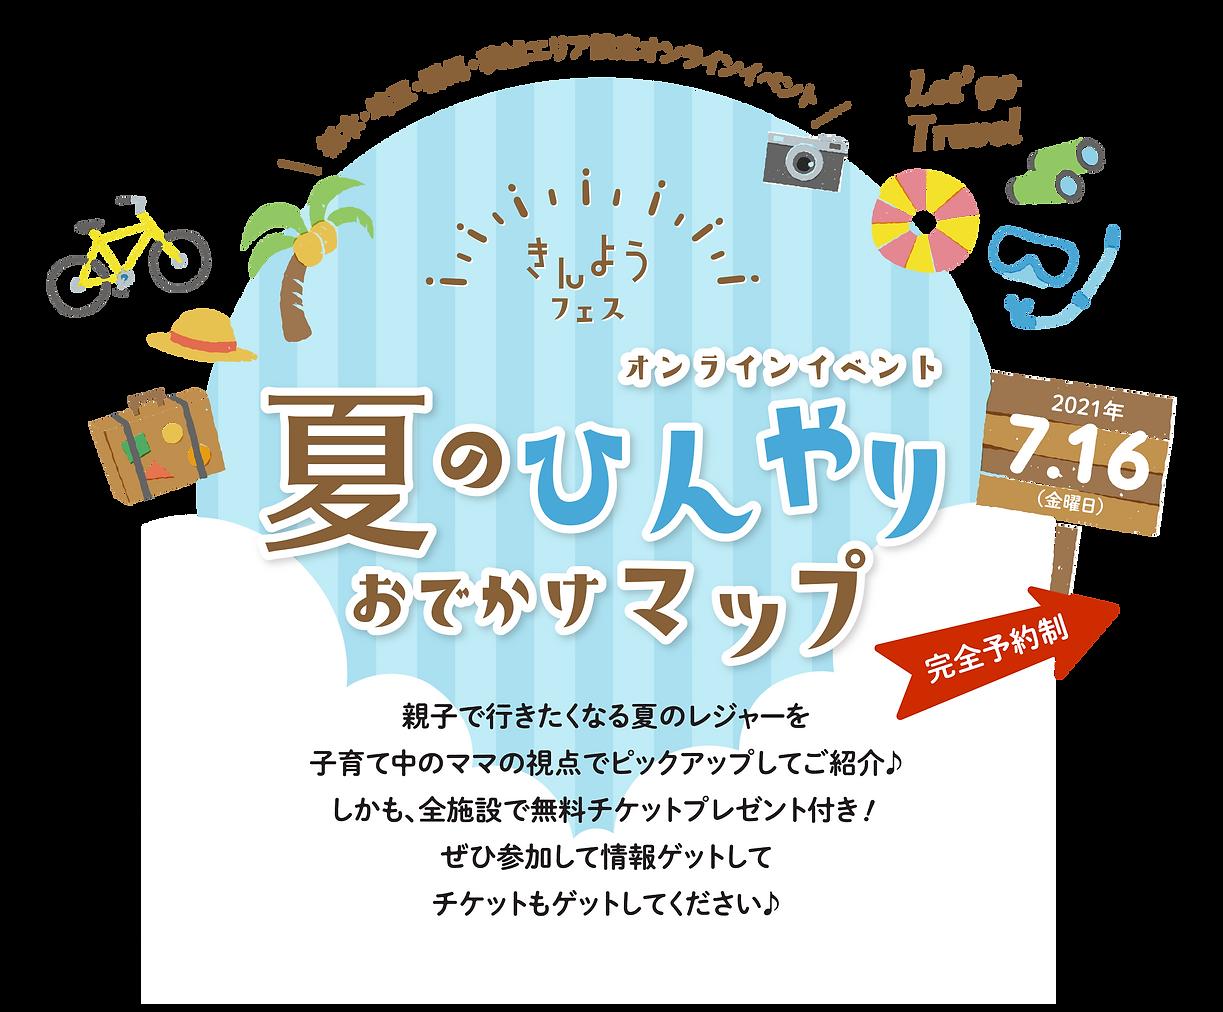 7月きんフェス-02.png